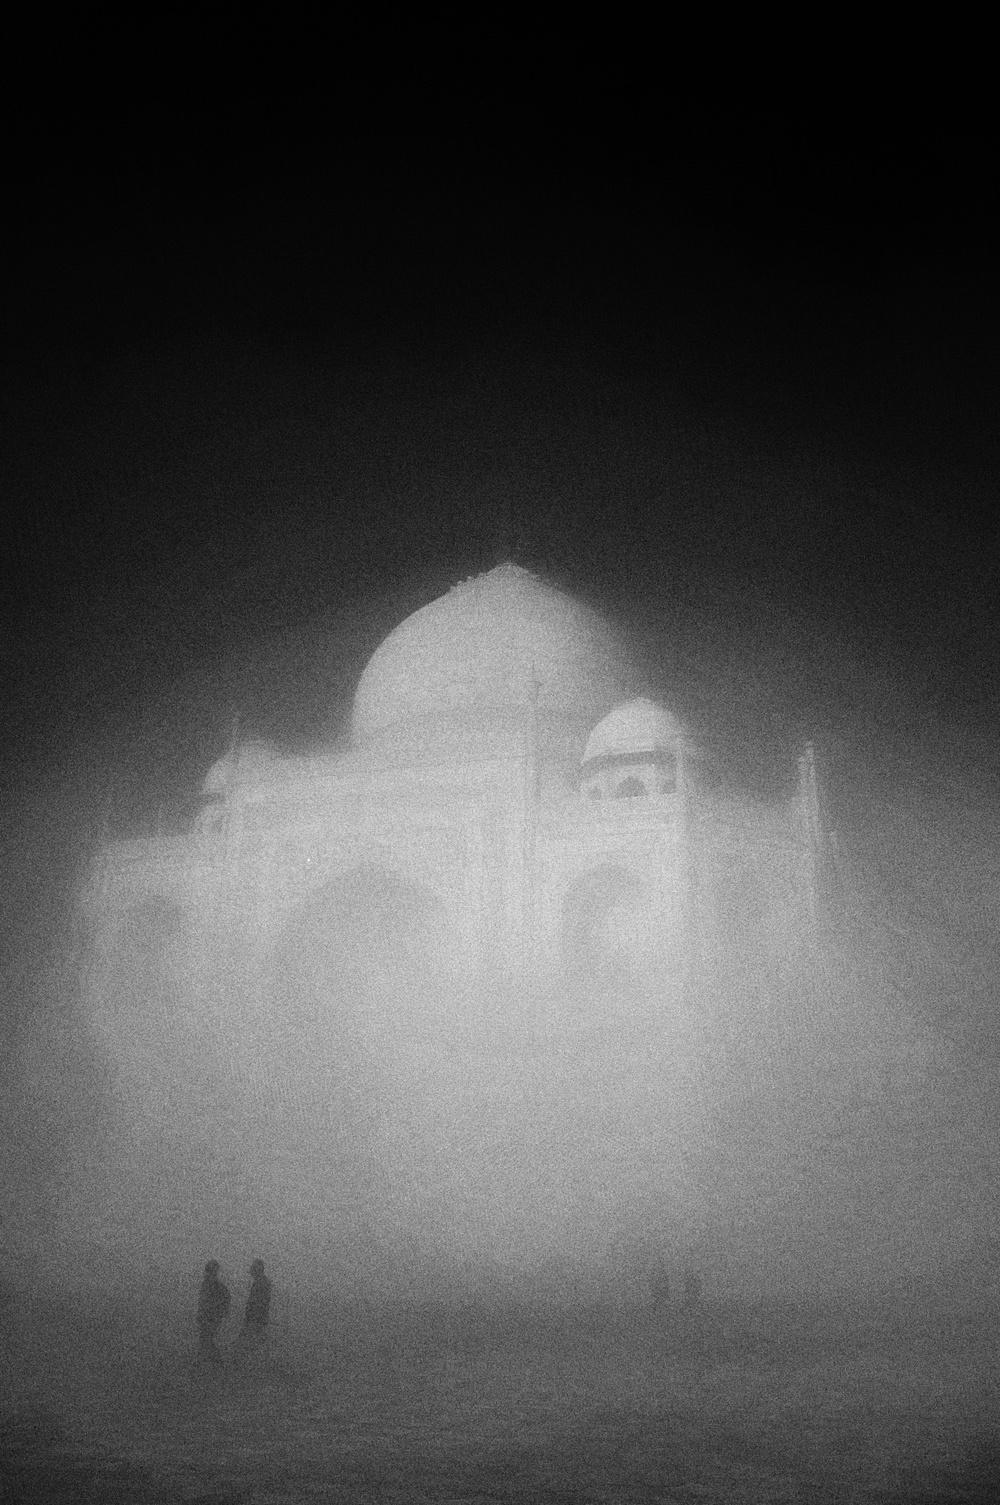 Taj Mahal Day2 14 B&W.jpg